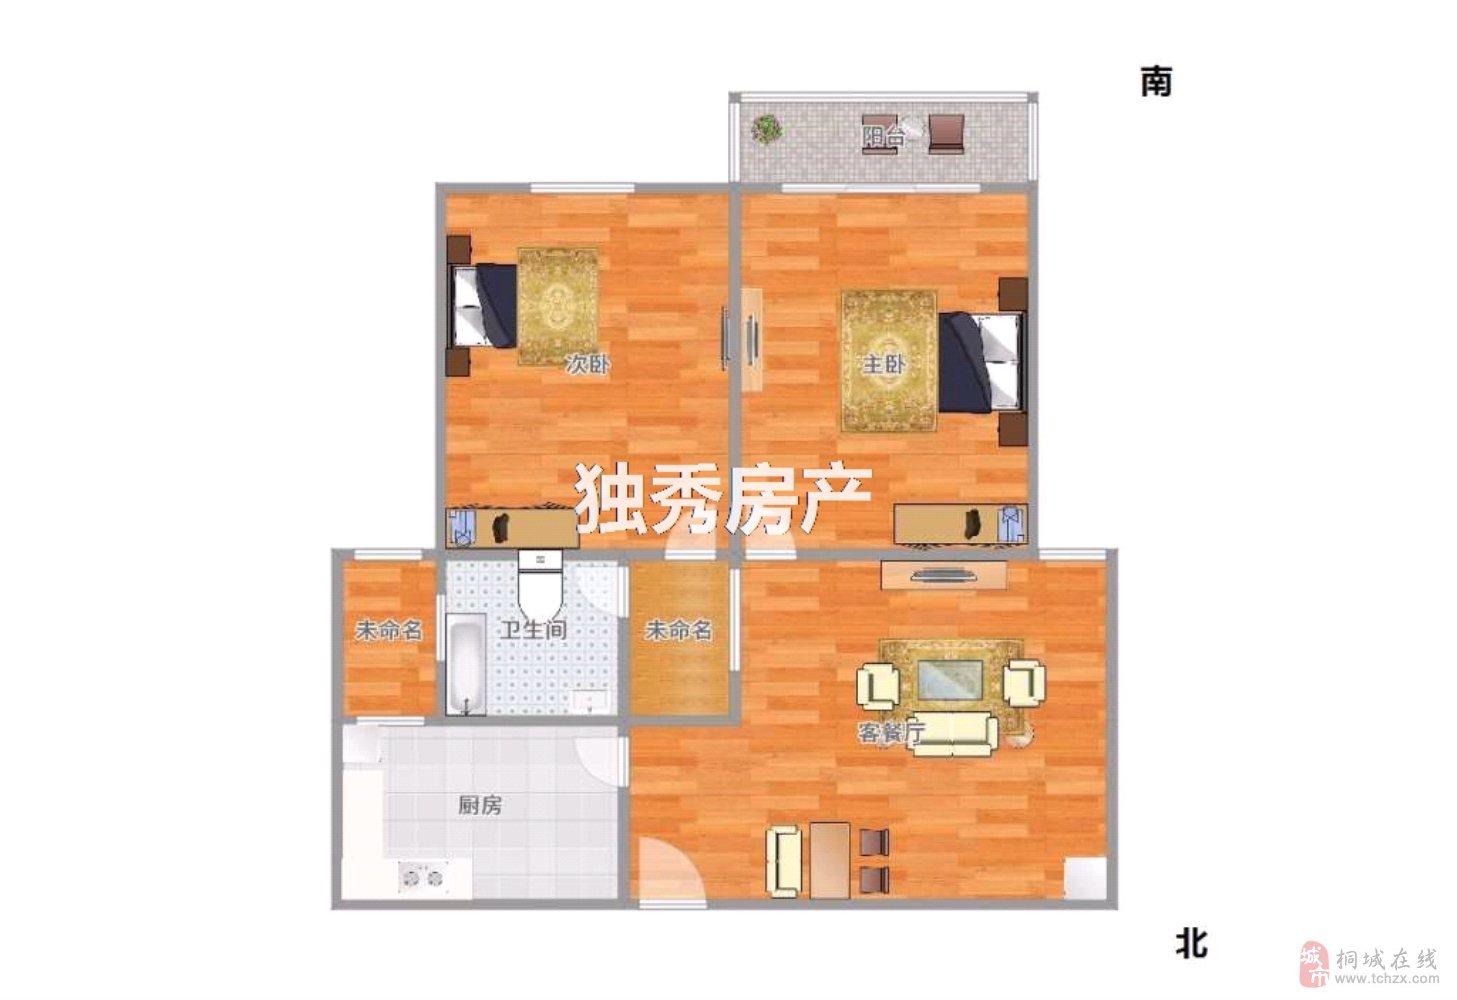 滨河苑2室2厅1卫62万元